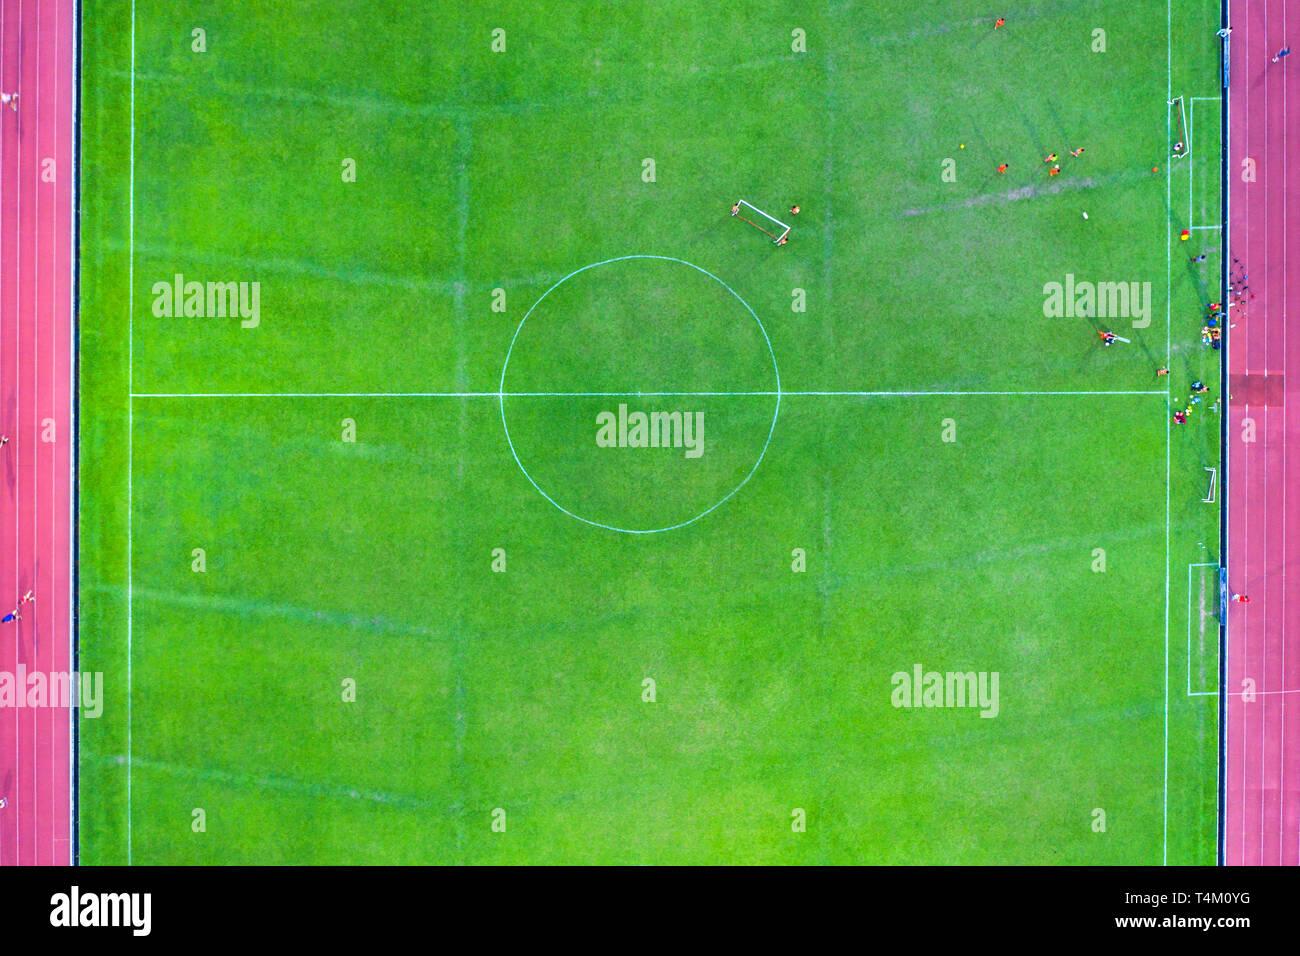 Autre perspective vue aérienne d'un terrain de soccer au milieu avec des joueurs de la formation, fixé avec du vrai gazon et les pistes de course sur le côté. Photo Stock